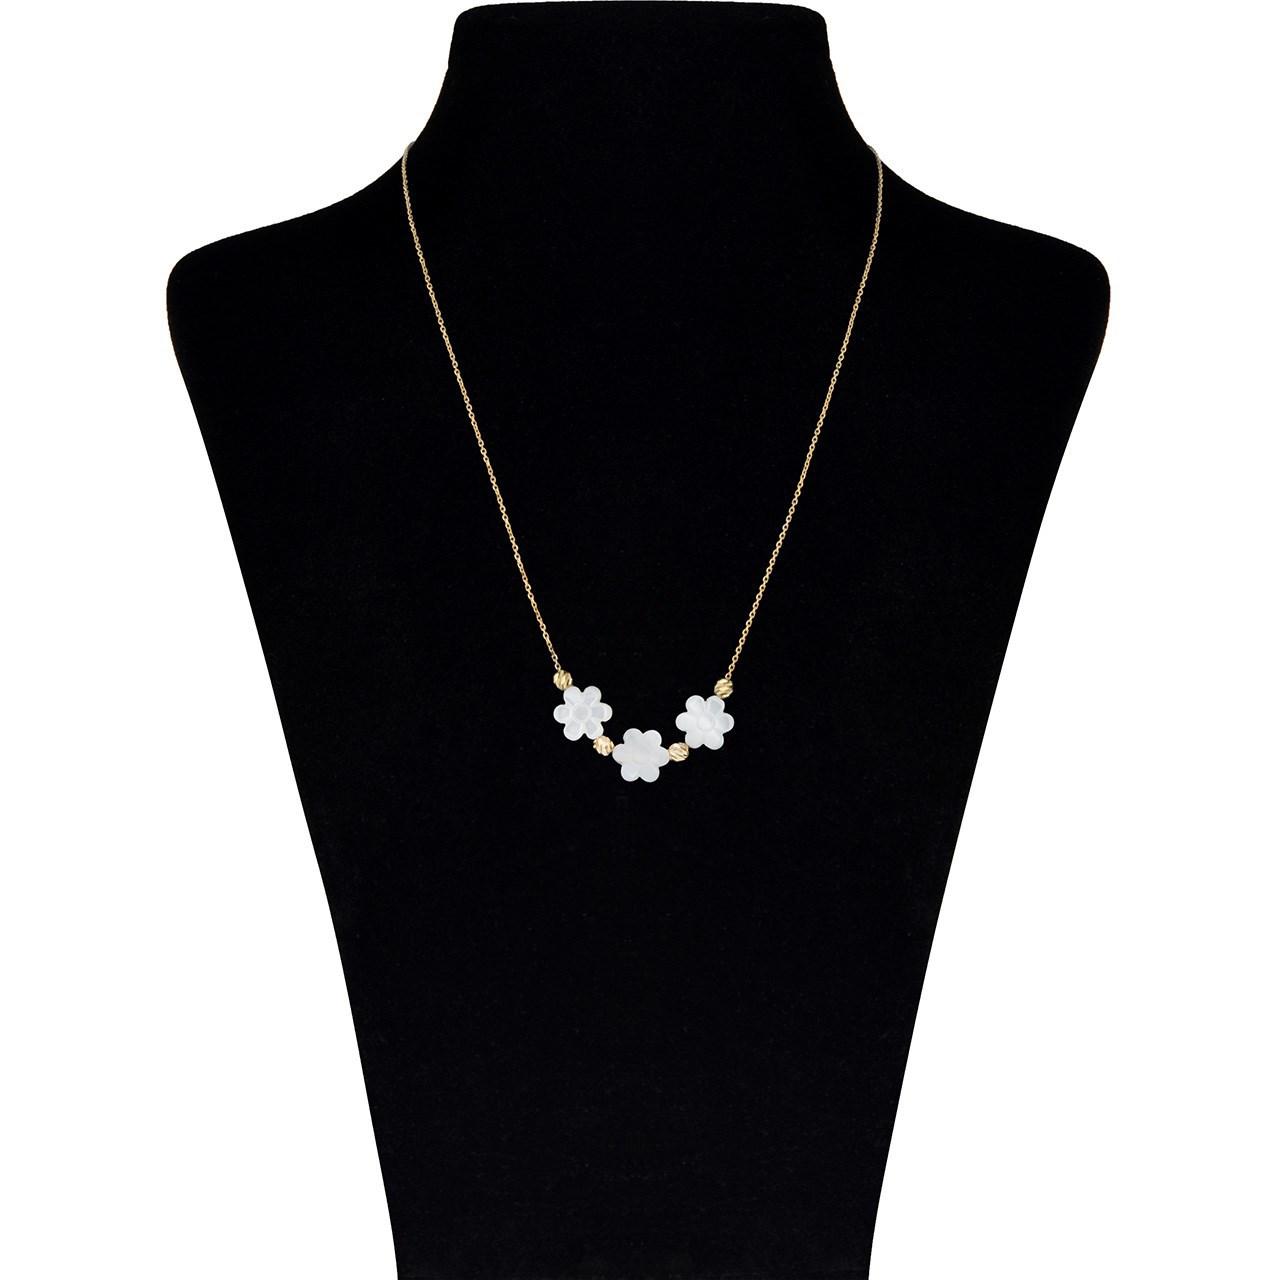 قیمت گردنبند طلا 18 عیار ماهک مدل MM0798 - مایا ماهک